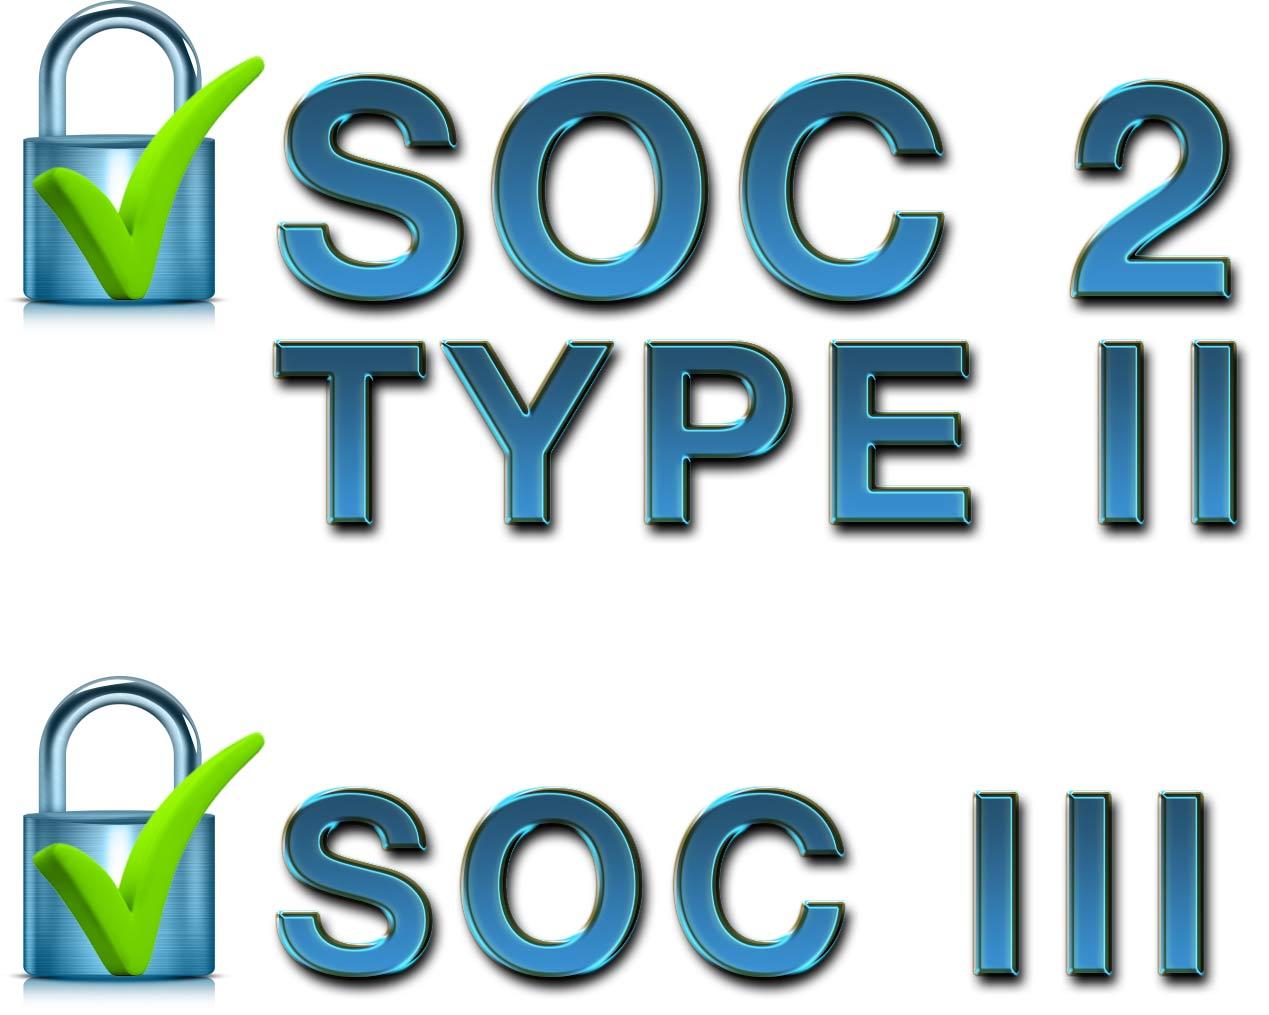 SOC 2 & SOC 3